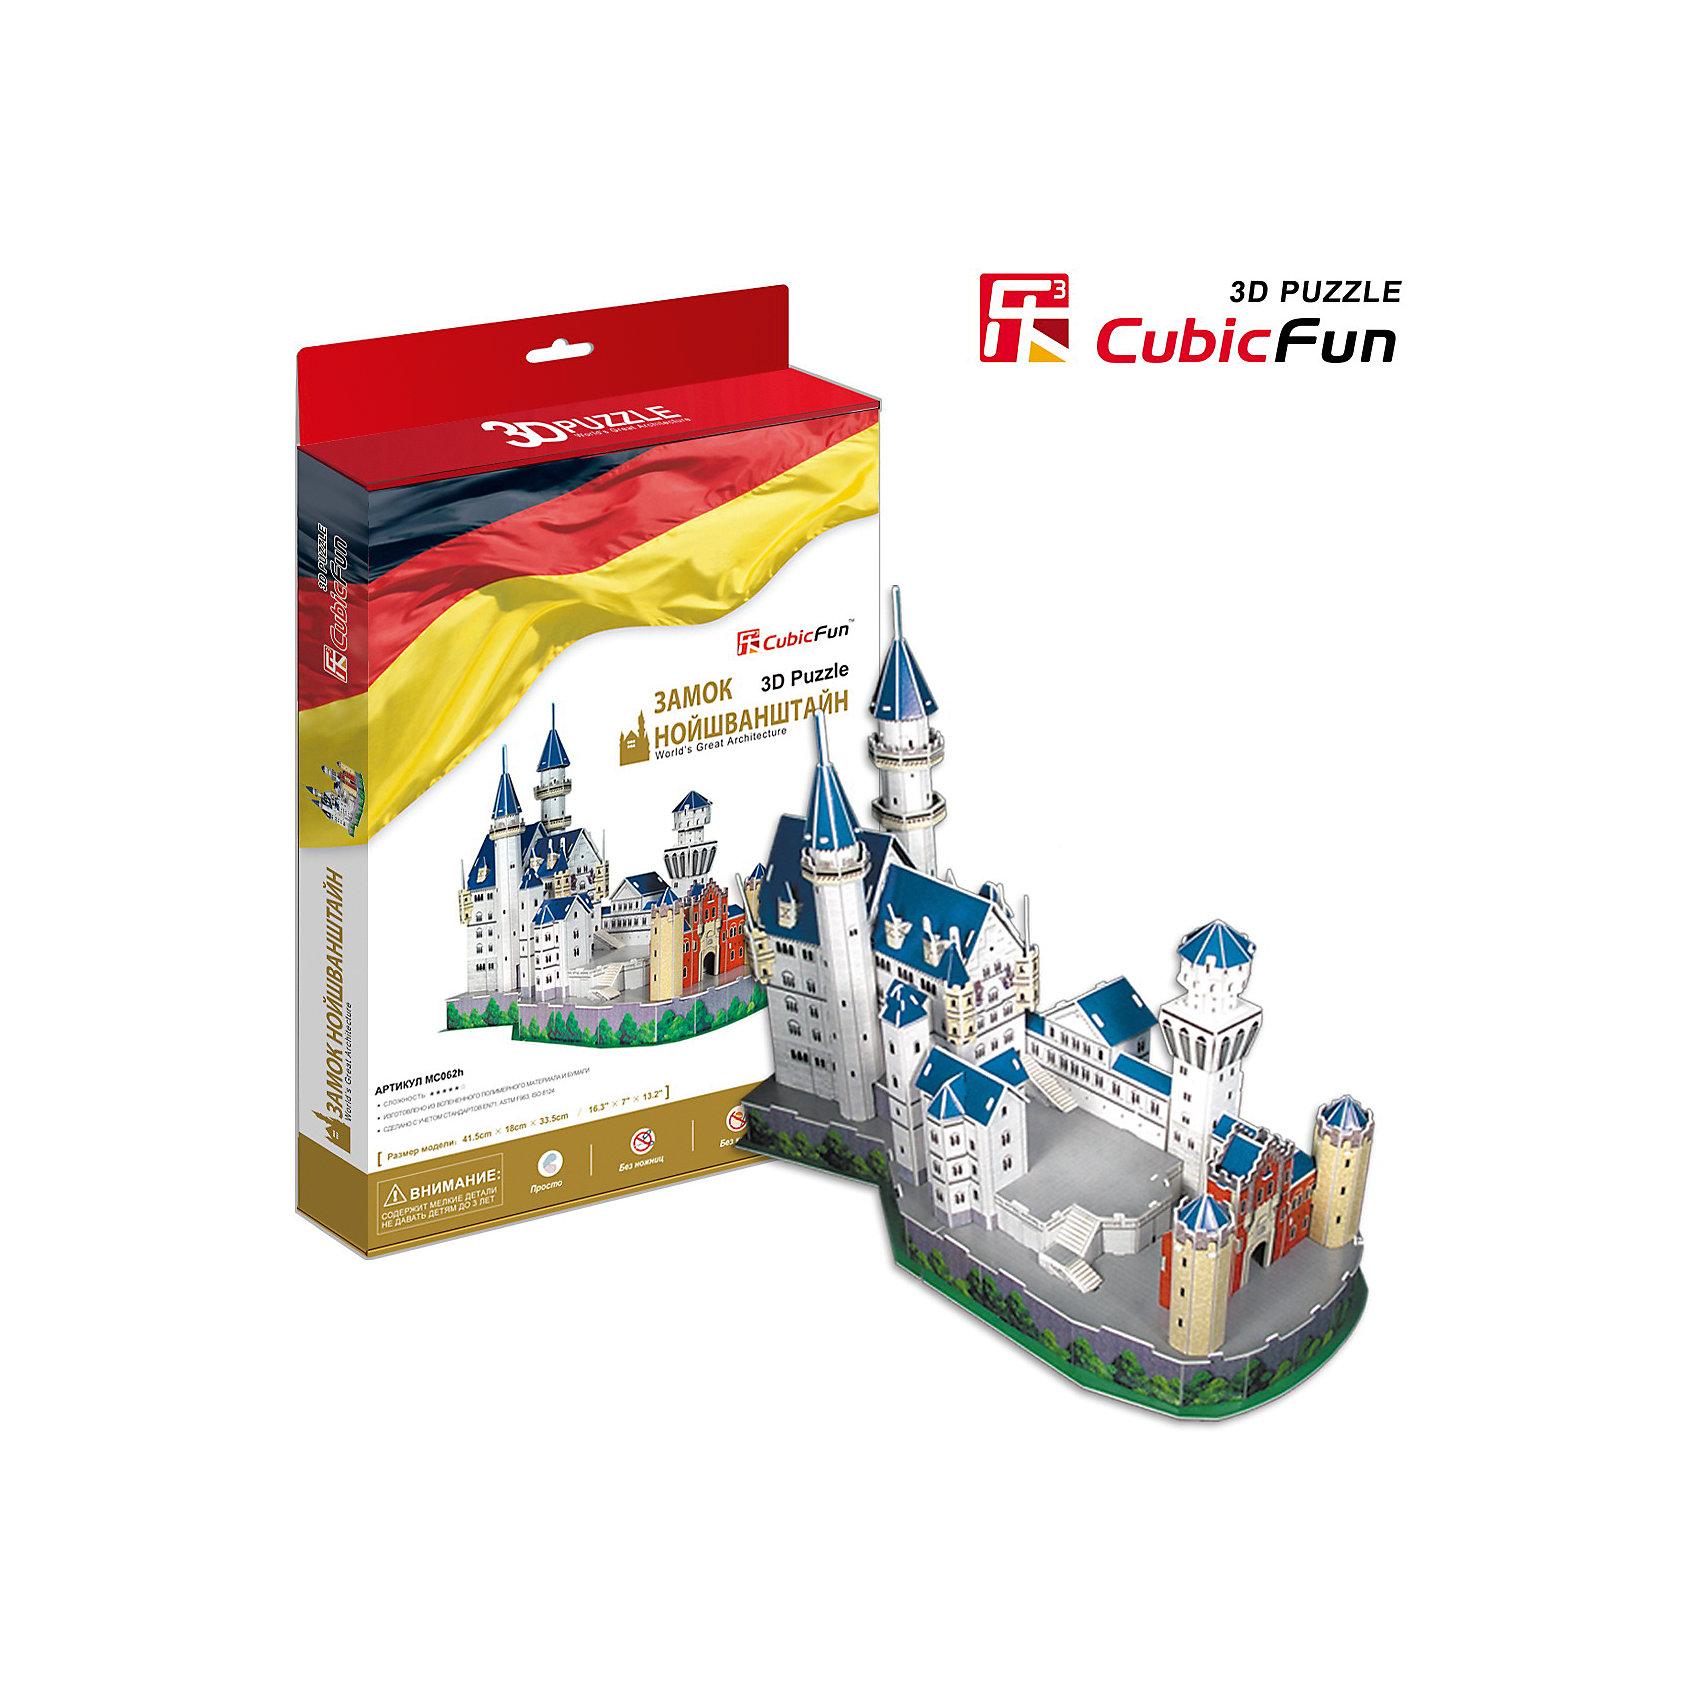 Пазл 3D Замок Нойшванштайн (Германия), CubicFunCubic Fun MC062h Кубик фан Замок Нойшванштайн (Германия)<br>Видом Нойшванштайна был очарован П.И.Чайковский  — и именно здесь, как полагают историки, у него родился замысел балета «Лебединое озеро». Замок Нойшванштайн, буквально: «Новый лебединый утес» — замок XIX века в баварских Альпах, около городка Фюссен и Замка Хоэншвангау, недалеко от австрийской границы.<br>Уровень сложности - 5<br>Функции:<br>- помогает в развитии логики и творческих способностей ребенка;<br>- помогает в формировании мышления, речи, внимания, восприятия и воображения;<br>- развивает моторику рук;<br>- расширяет кругозор ребенка и стимулирует к познанию новой информации;<br>Практические характеристики:<br>- обучающая, яркая и реалистичная модель;<br>- идеально и легко собирается без инструментов;<br>- увлекательный игровой процесс;<br>- тематический ассортимент;<br>- новый качественный материал (ламинированный пенокартон).<br><br>Ширина мм: 40<br>Глубина мм: 330<br>Высота мм: 220<br>Вес г: 592<br>Возраст от месяцев: 72<br>Возраст до месяцев: 192<br>Пол: Унисекс<br>Возраст: Детский<br>SKU: 4951149